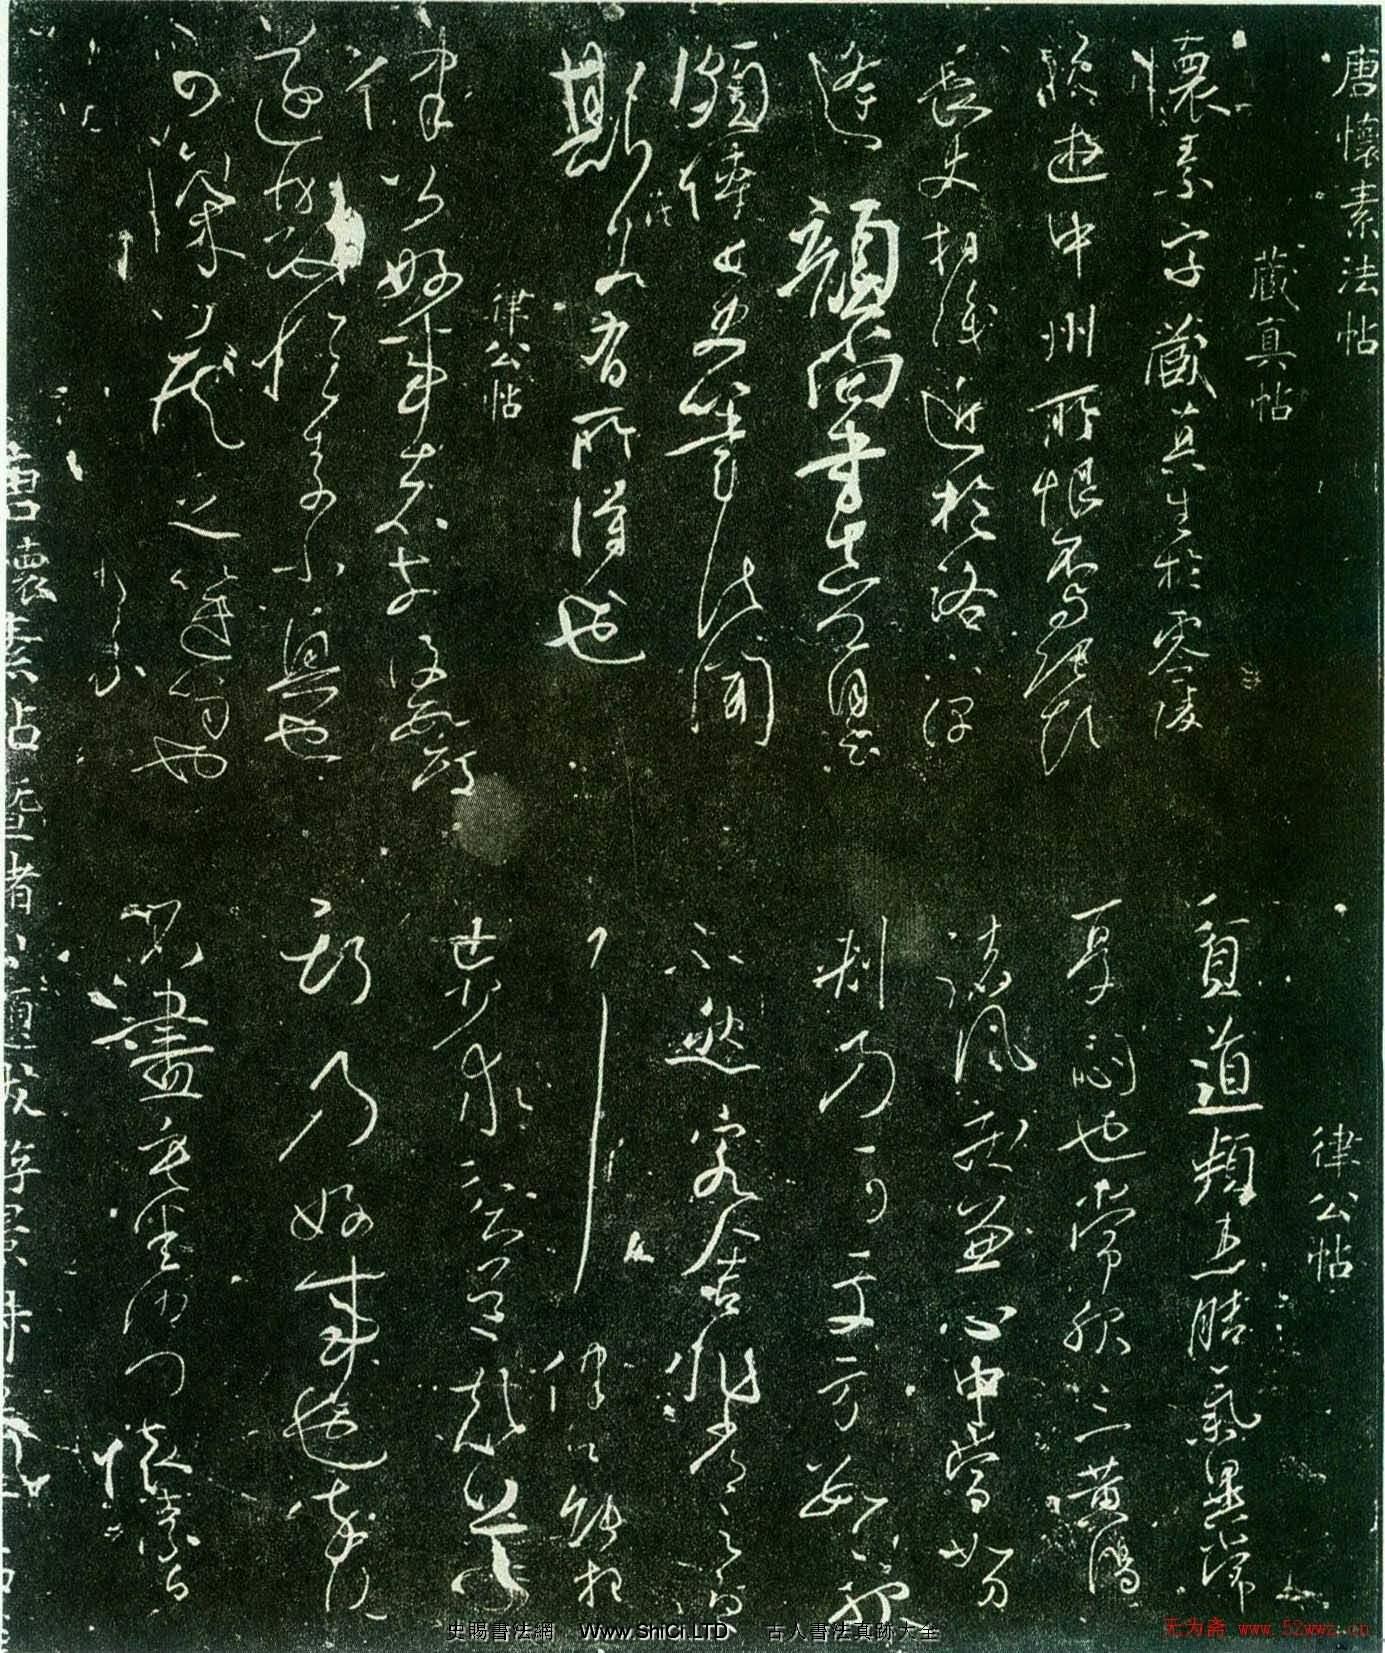 懷素草書《藏真帖》和《律公帖》(共2張圖片)